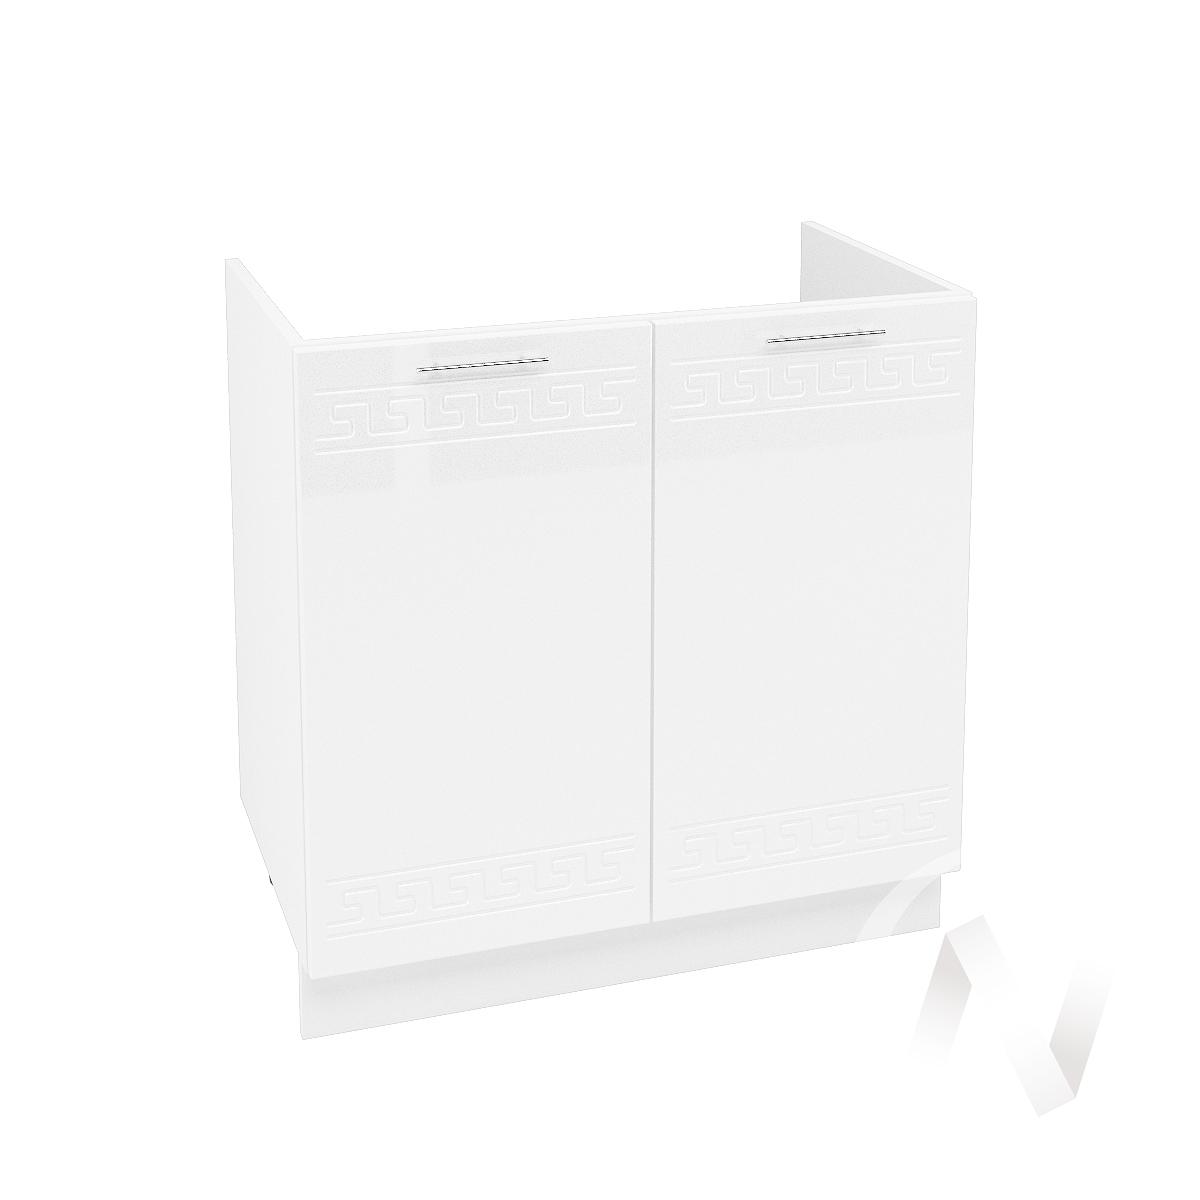 """Кухня """"Греция"""": Шкаф нижний под мойку 800, ШНМ 800 (белый металлик/корпус белый)"""